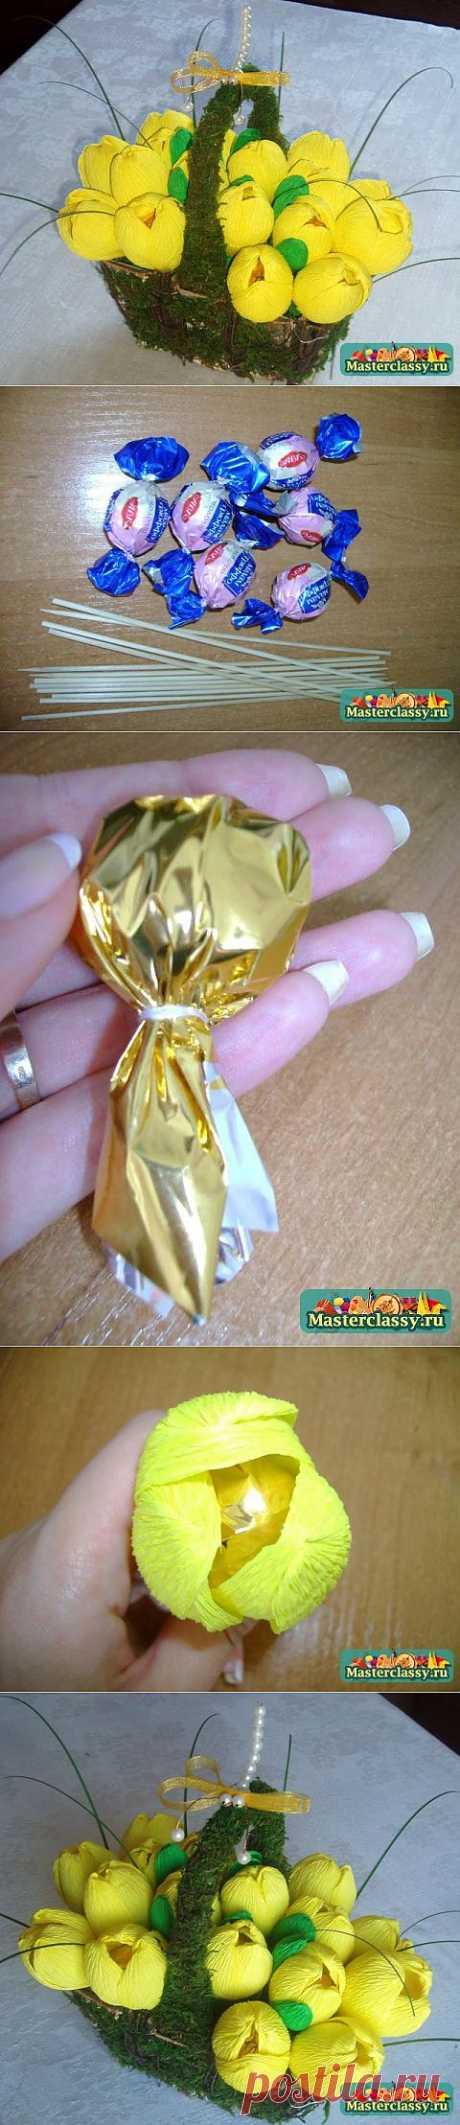 Букет из конфет. Желтые крокусы в корзиночке. МК..